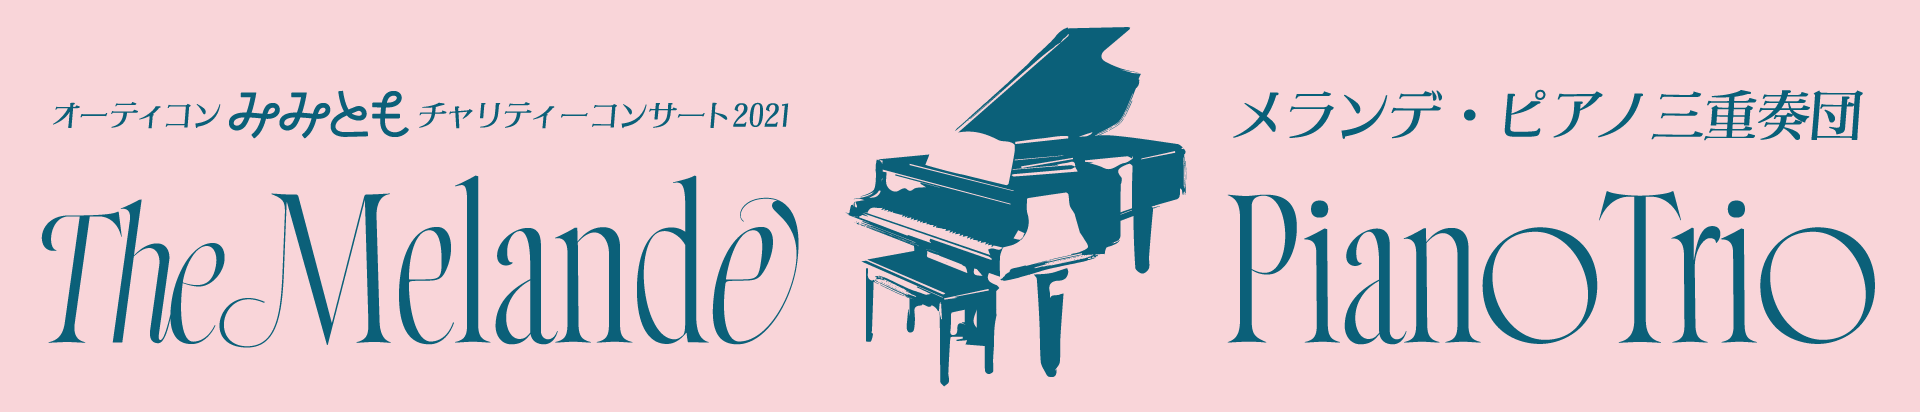 melande-piano-trio-jp